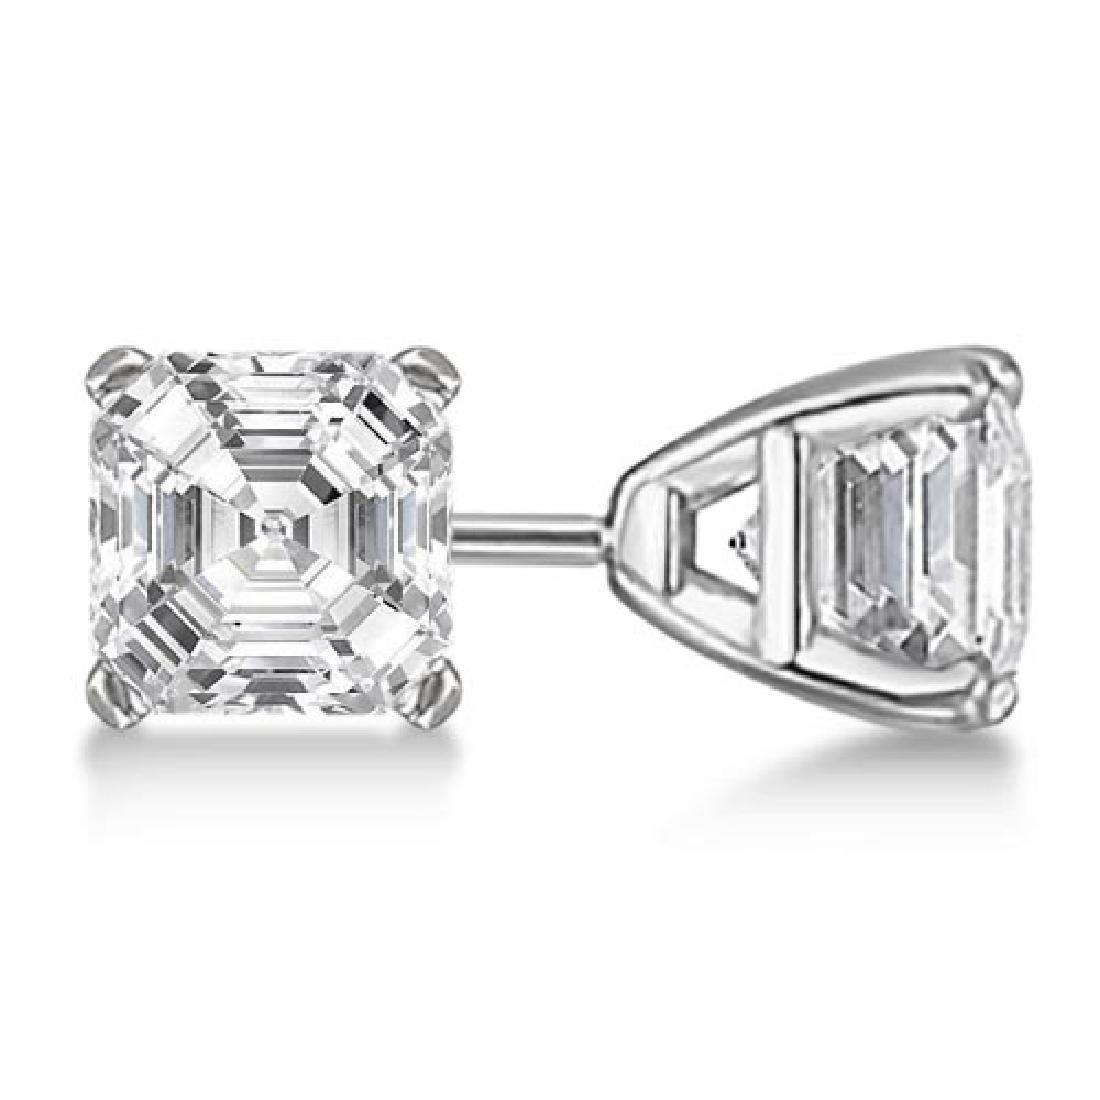 1.00ct. Asscher-Cut Diamond Stud Earrings Platinum (G-H